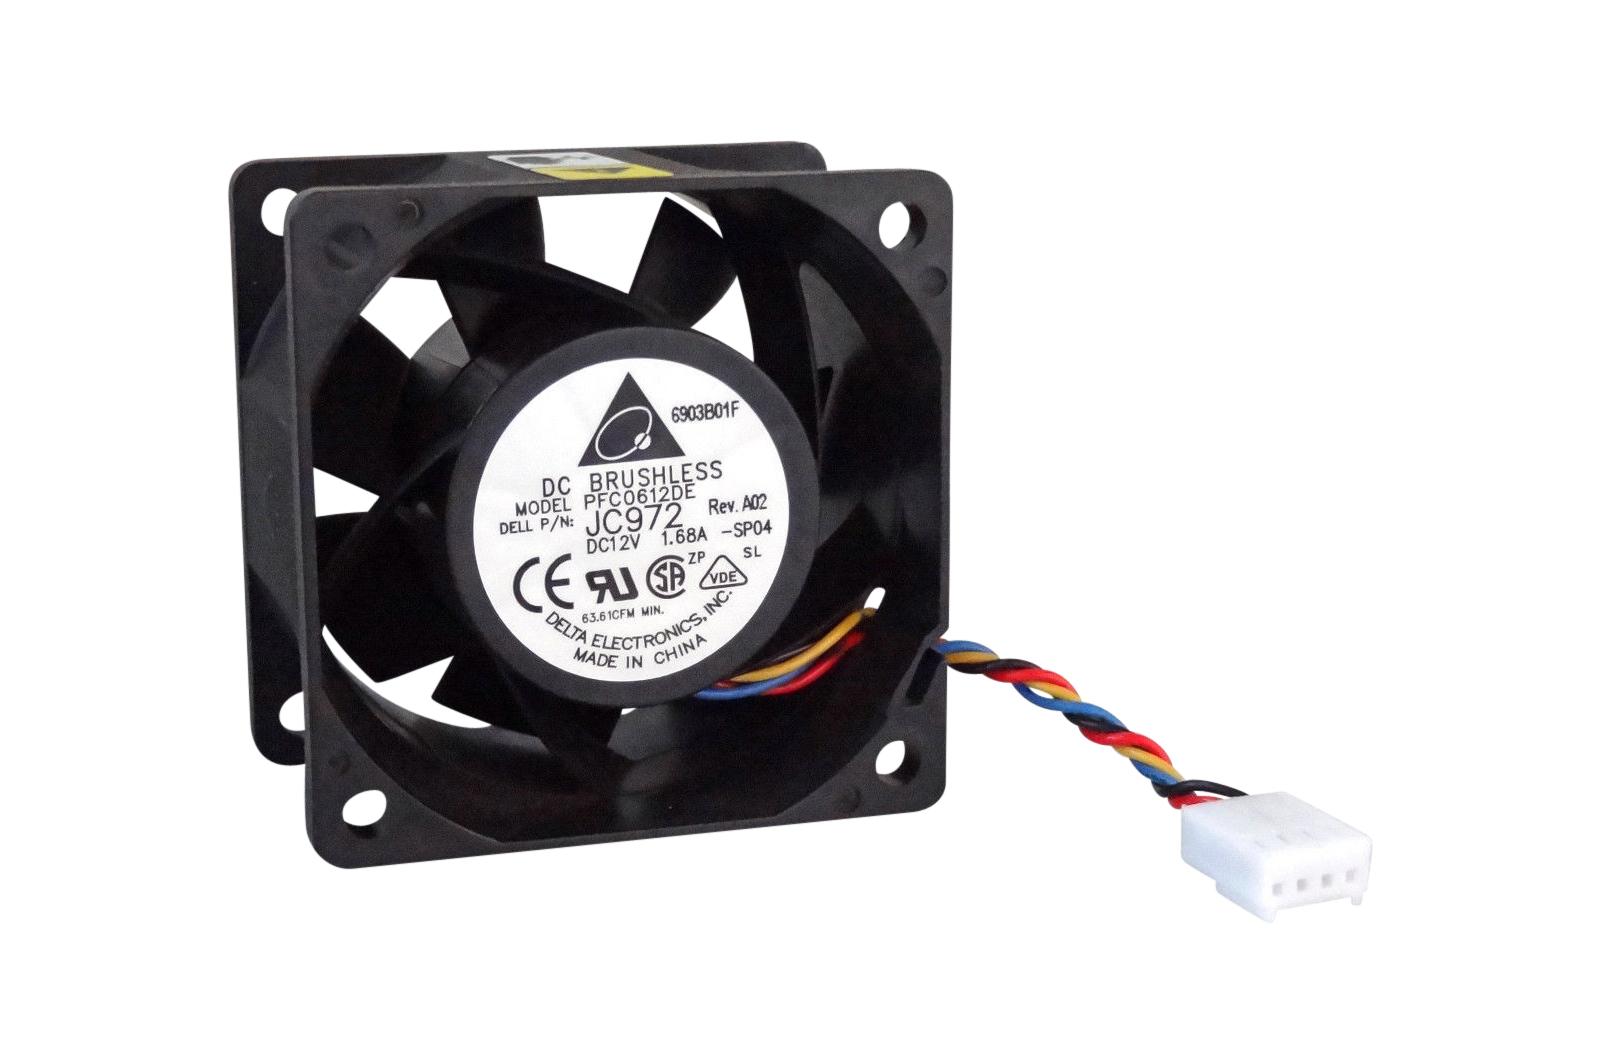 JC972 Dell PowerEdge 2950 Fan Assy.